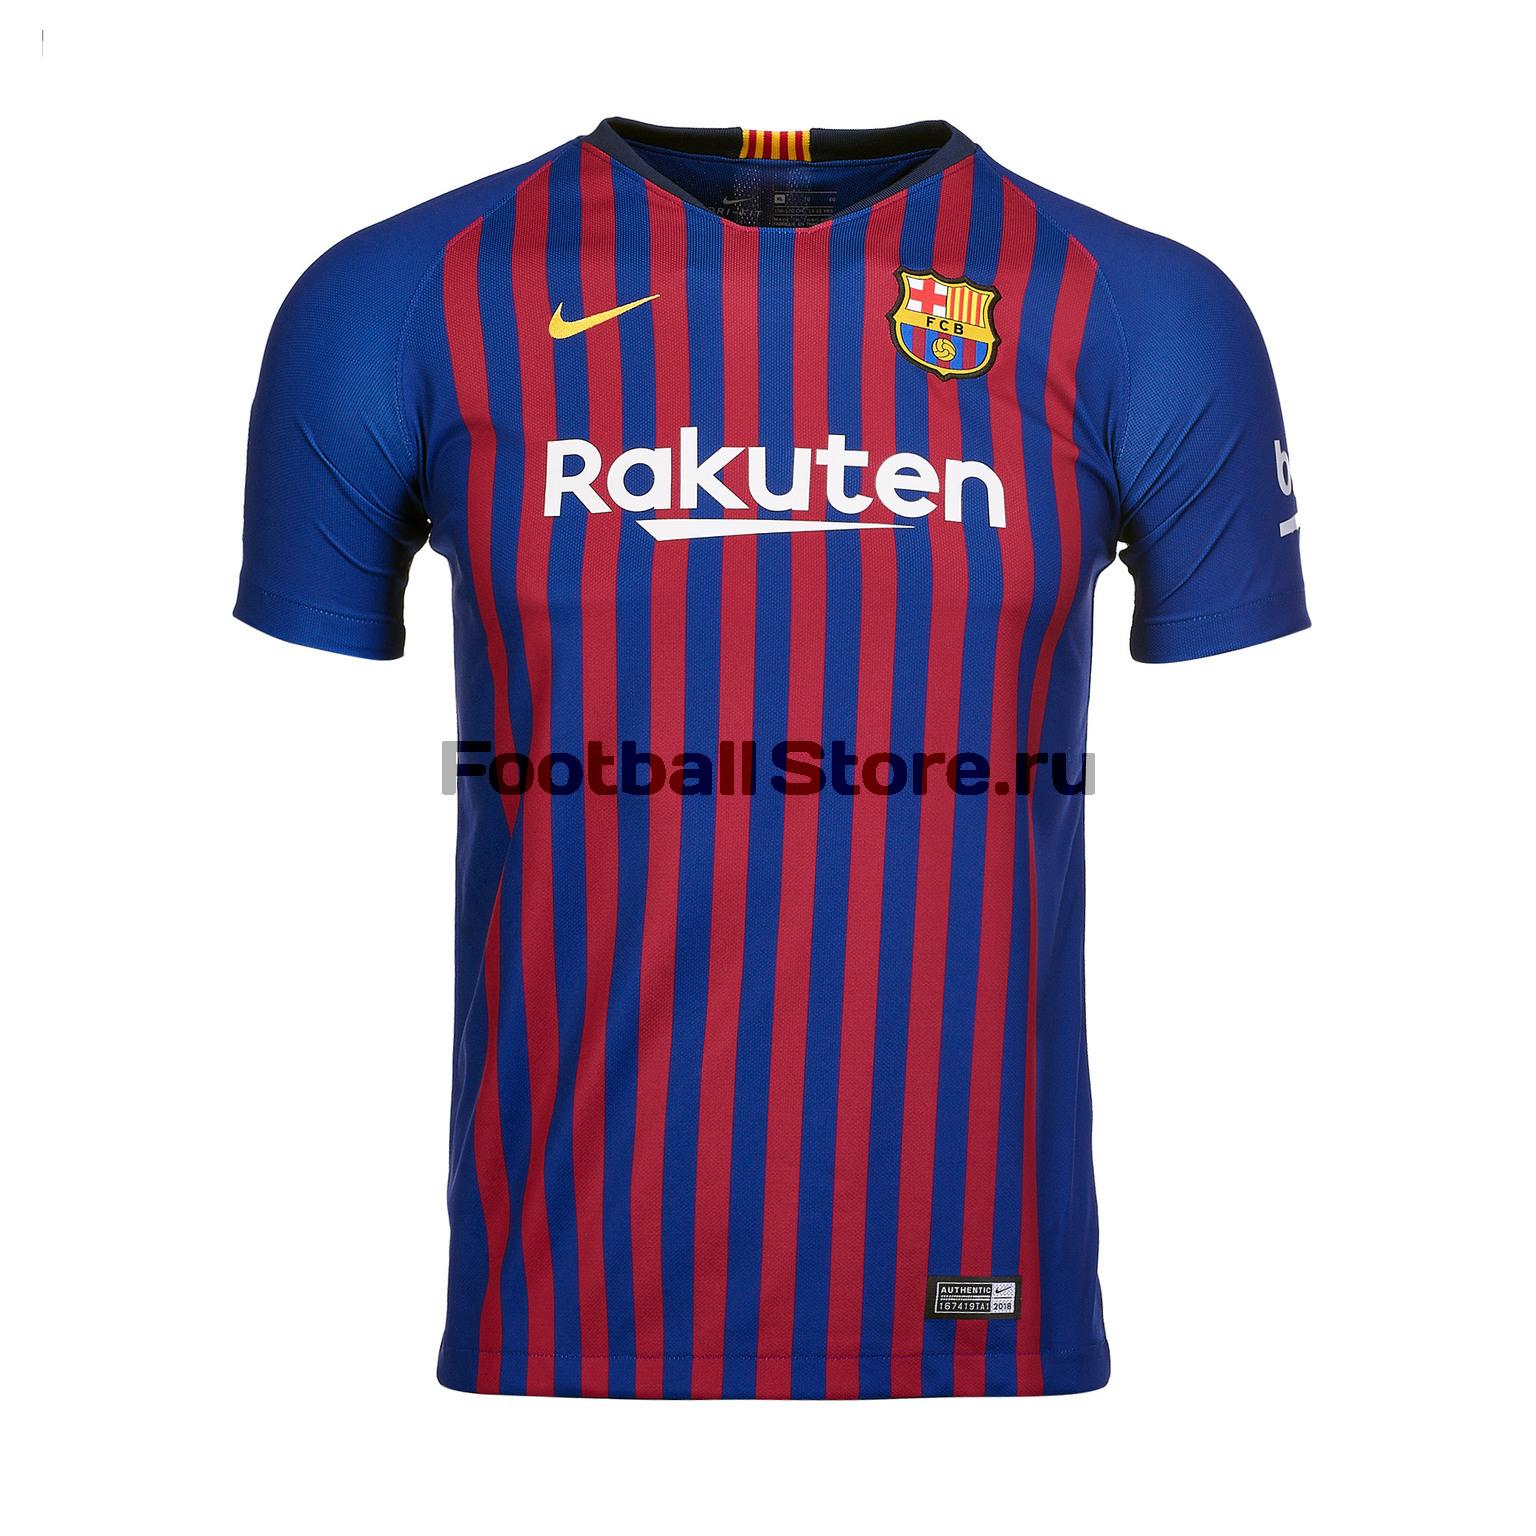 Футболка подростковая Nike Barcelona Home 2018/19 женская игровая футболка nike barcelona home stadium 894447 456